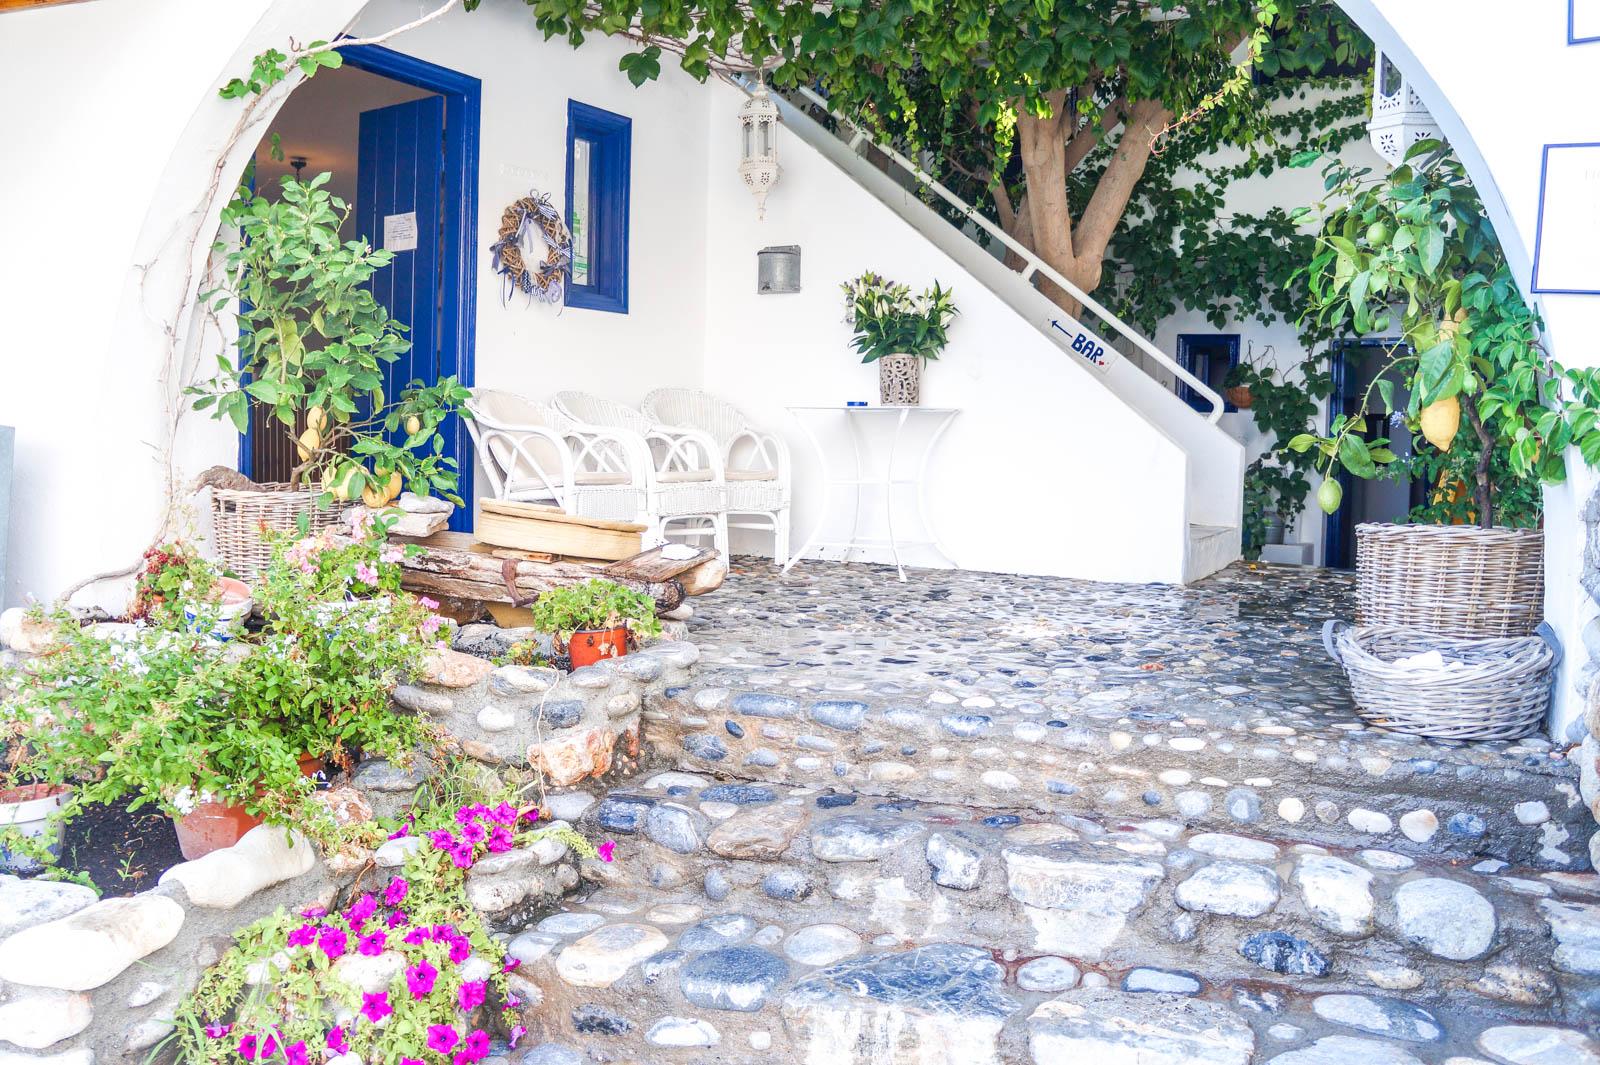 loutro-crete-greece-la-vie-en-blog-all-rights-reserved-14